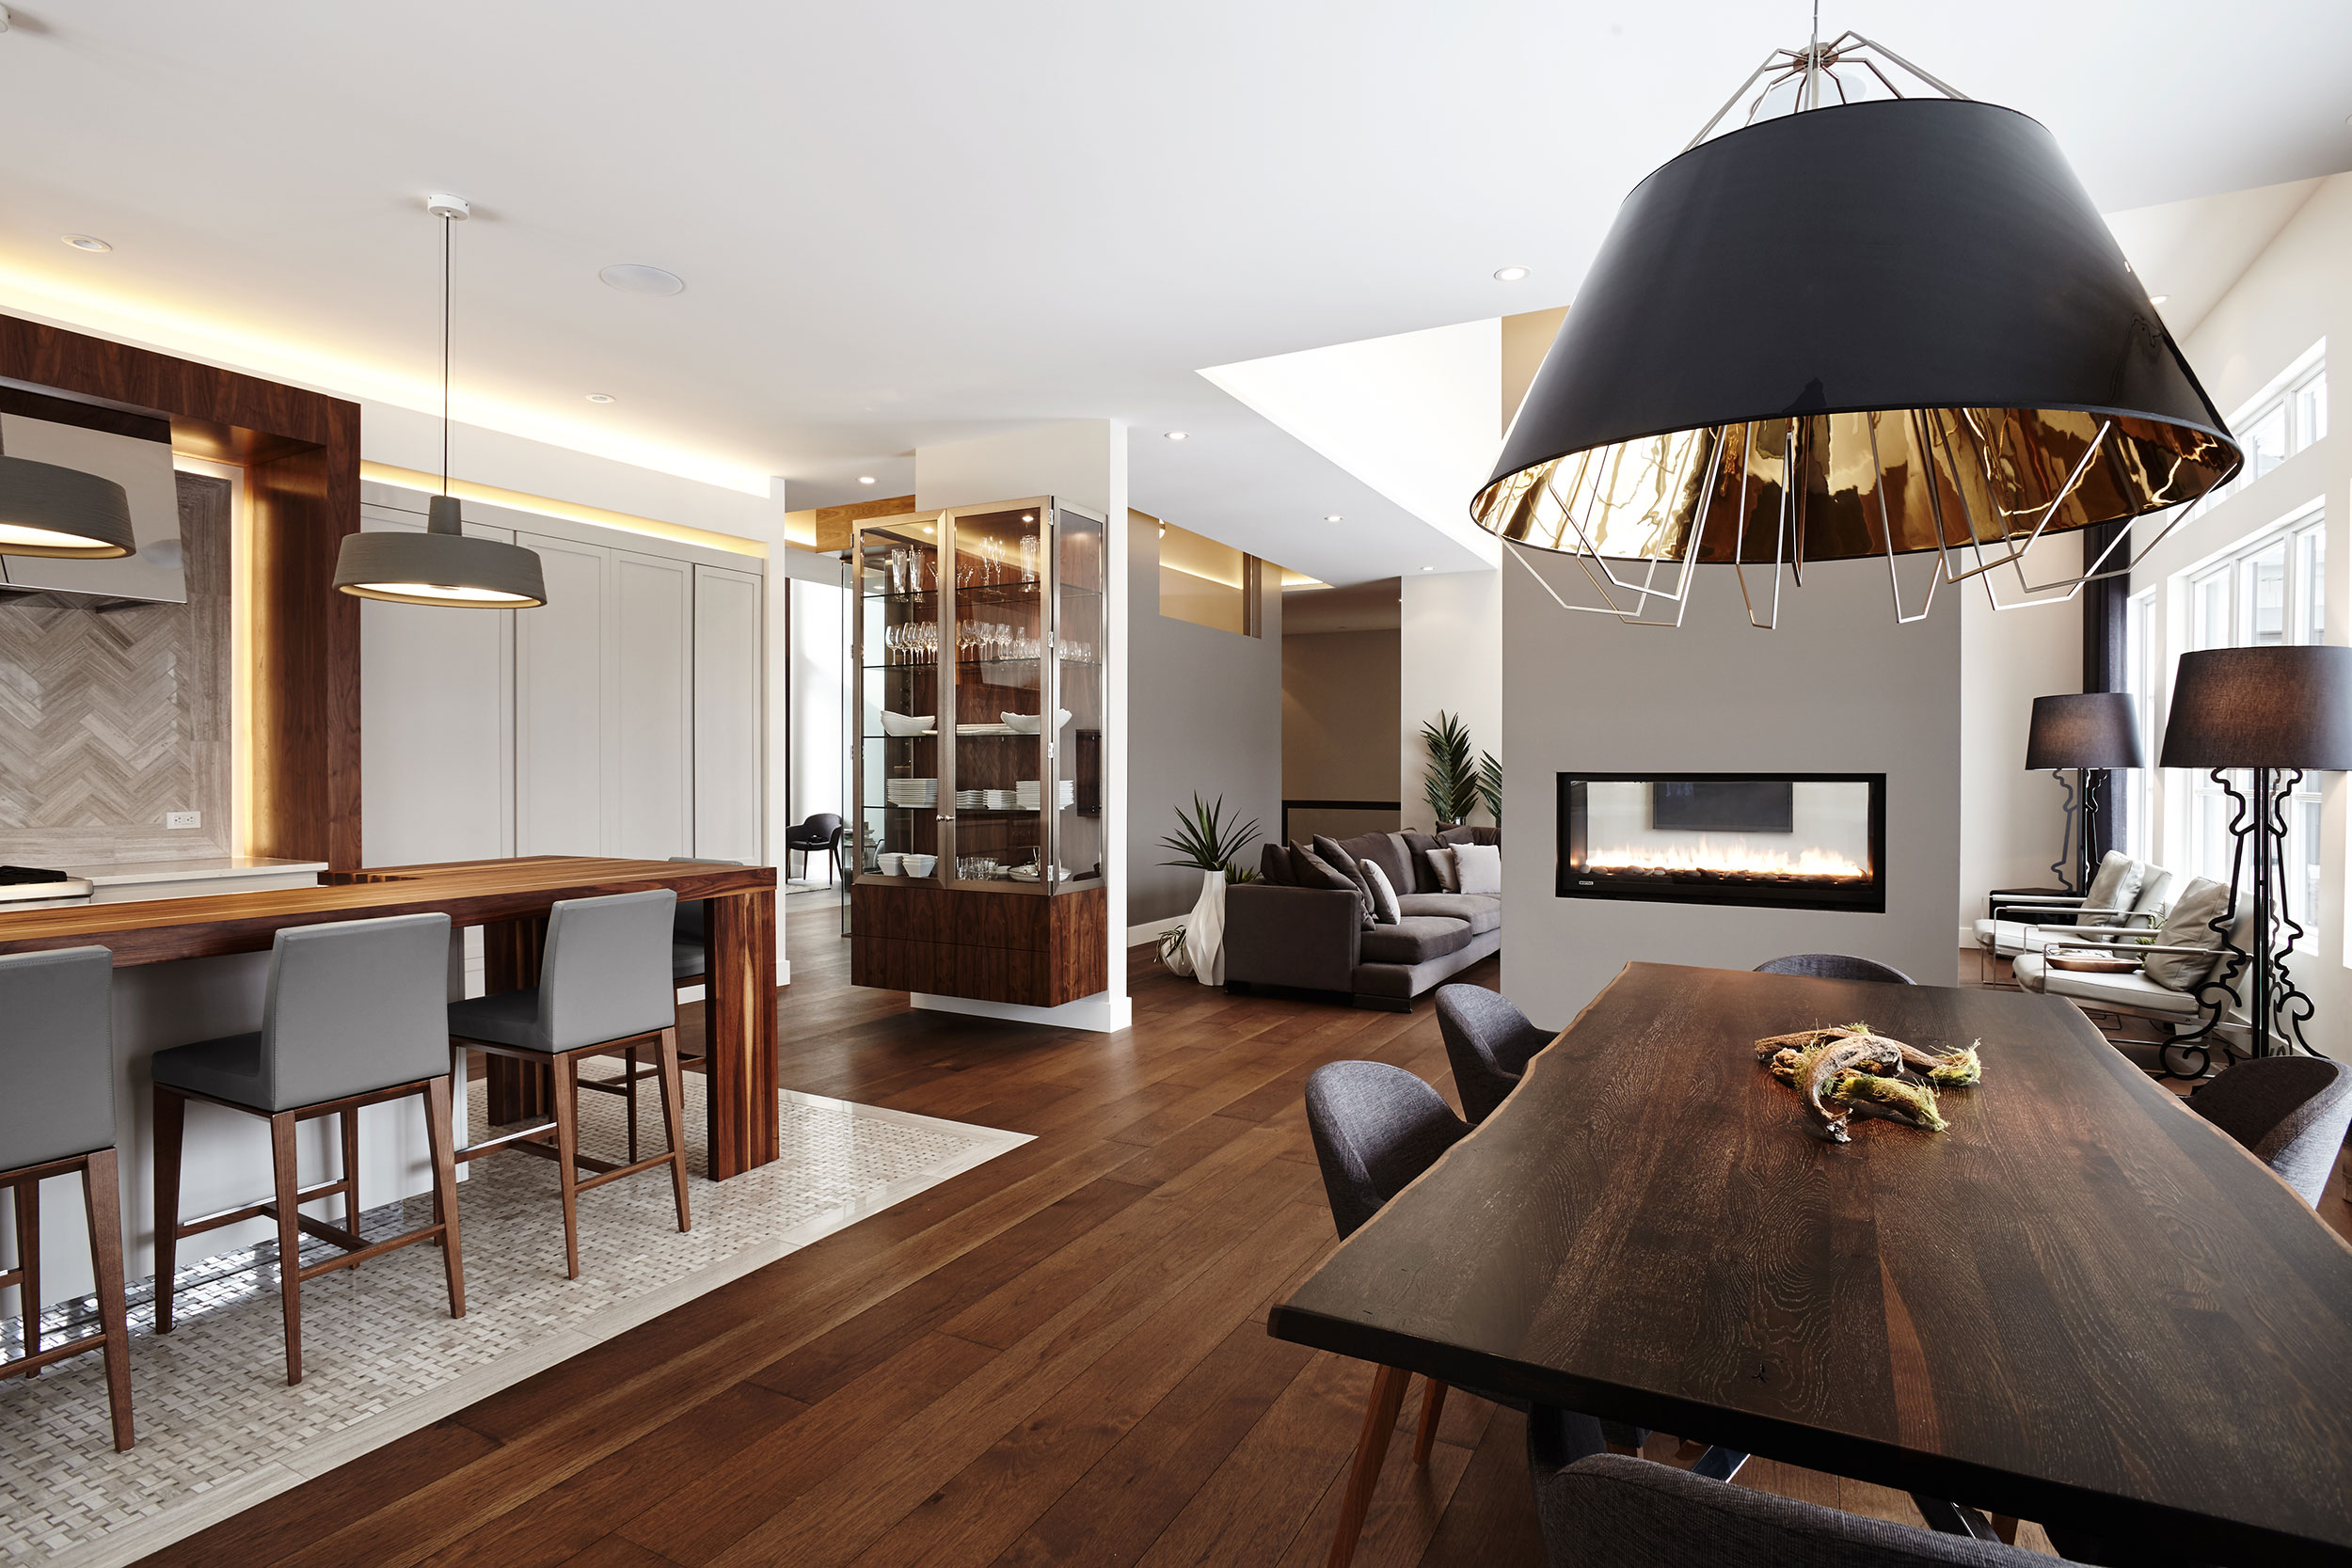 Une nouvelle maison unifamiliale situ e au bas de la for Www nouvelle maison design com